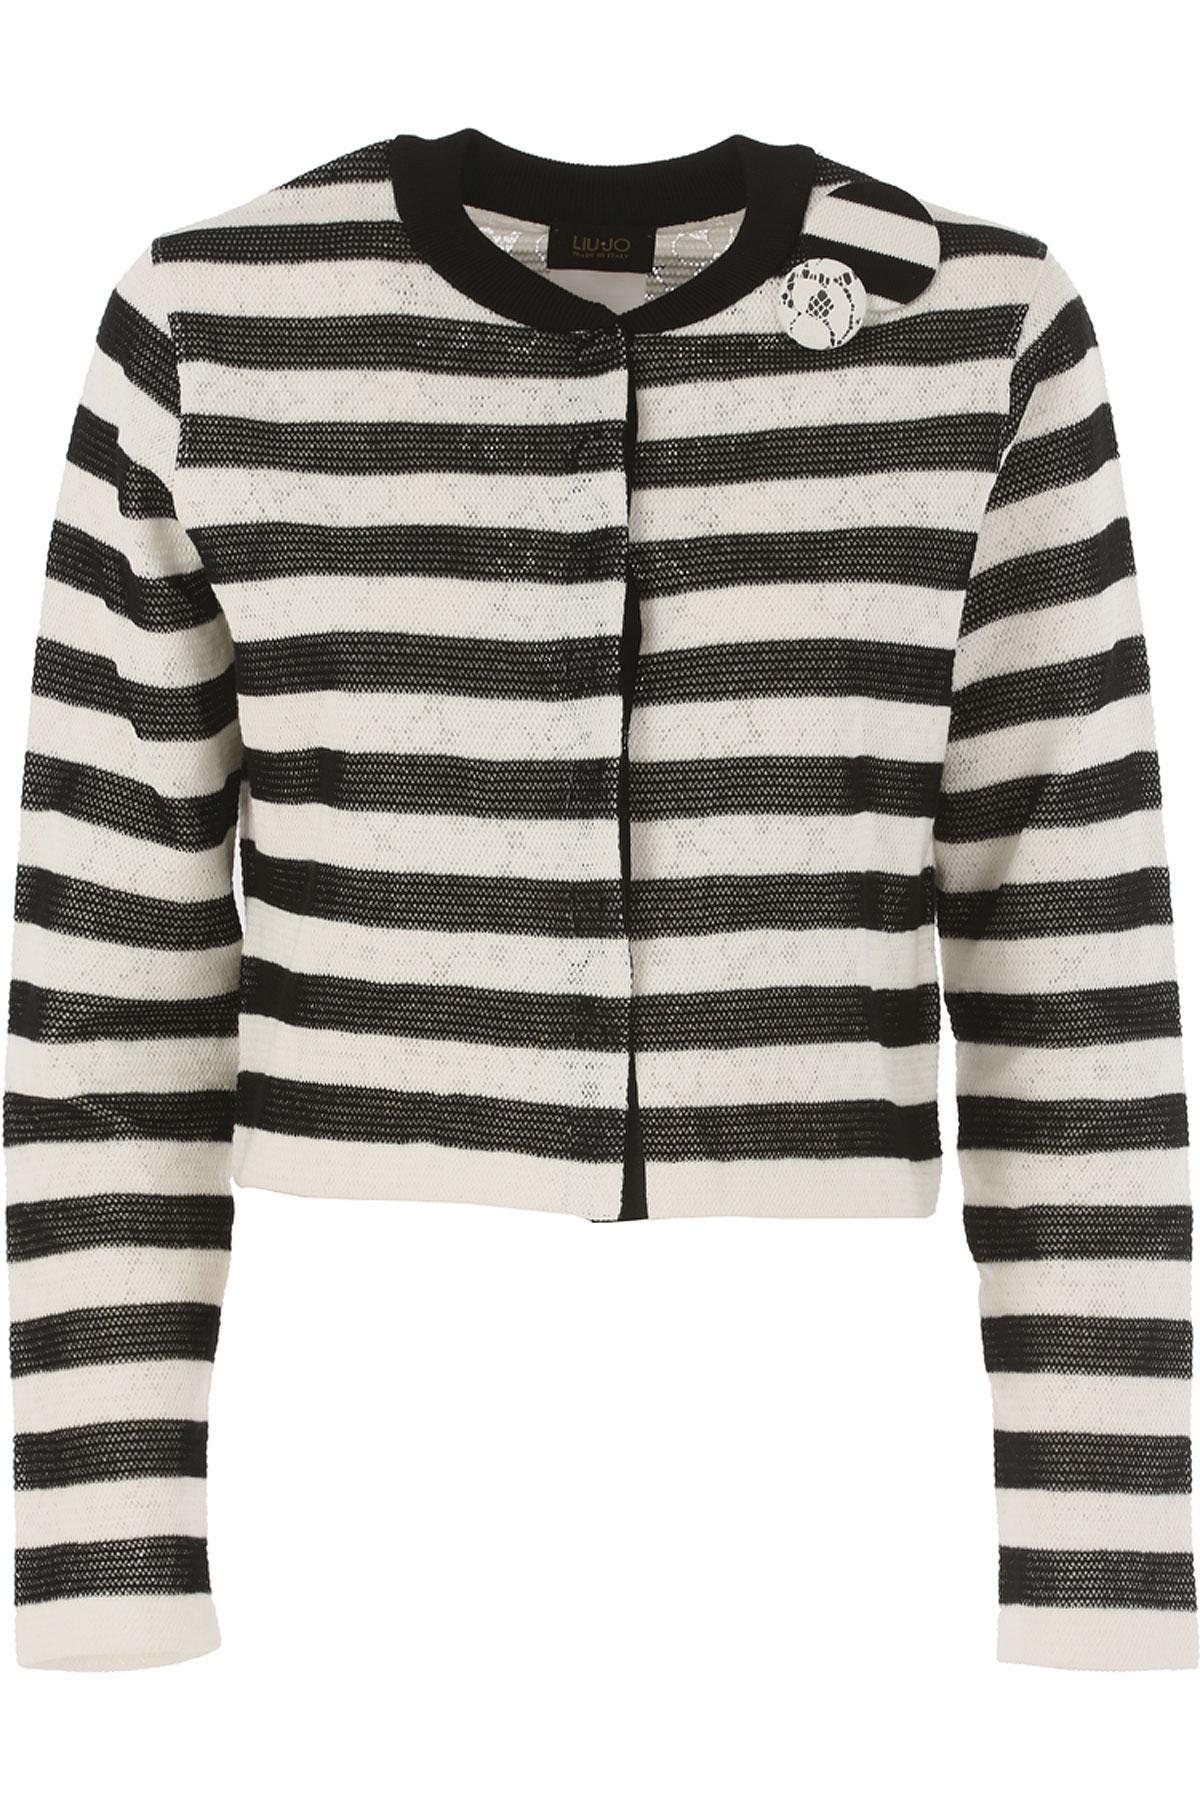 Image of Liu Jo Jacket for Women On Sale, Black, Cotton, 2017, 10 4 6 8